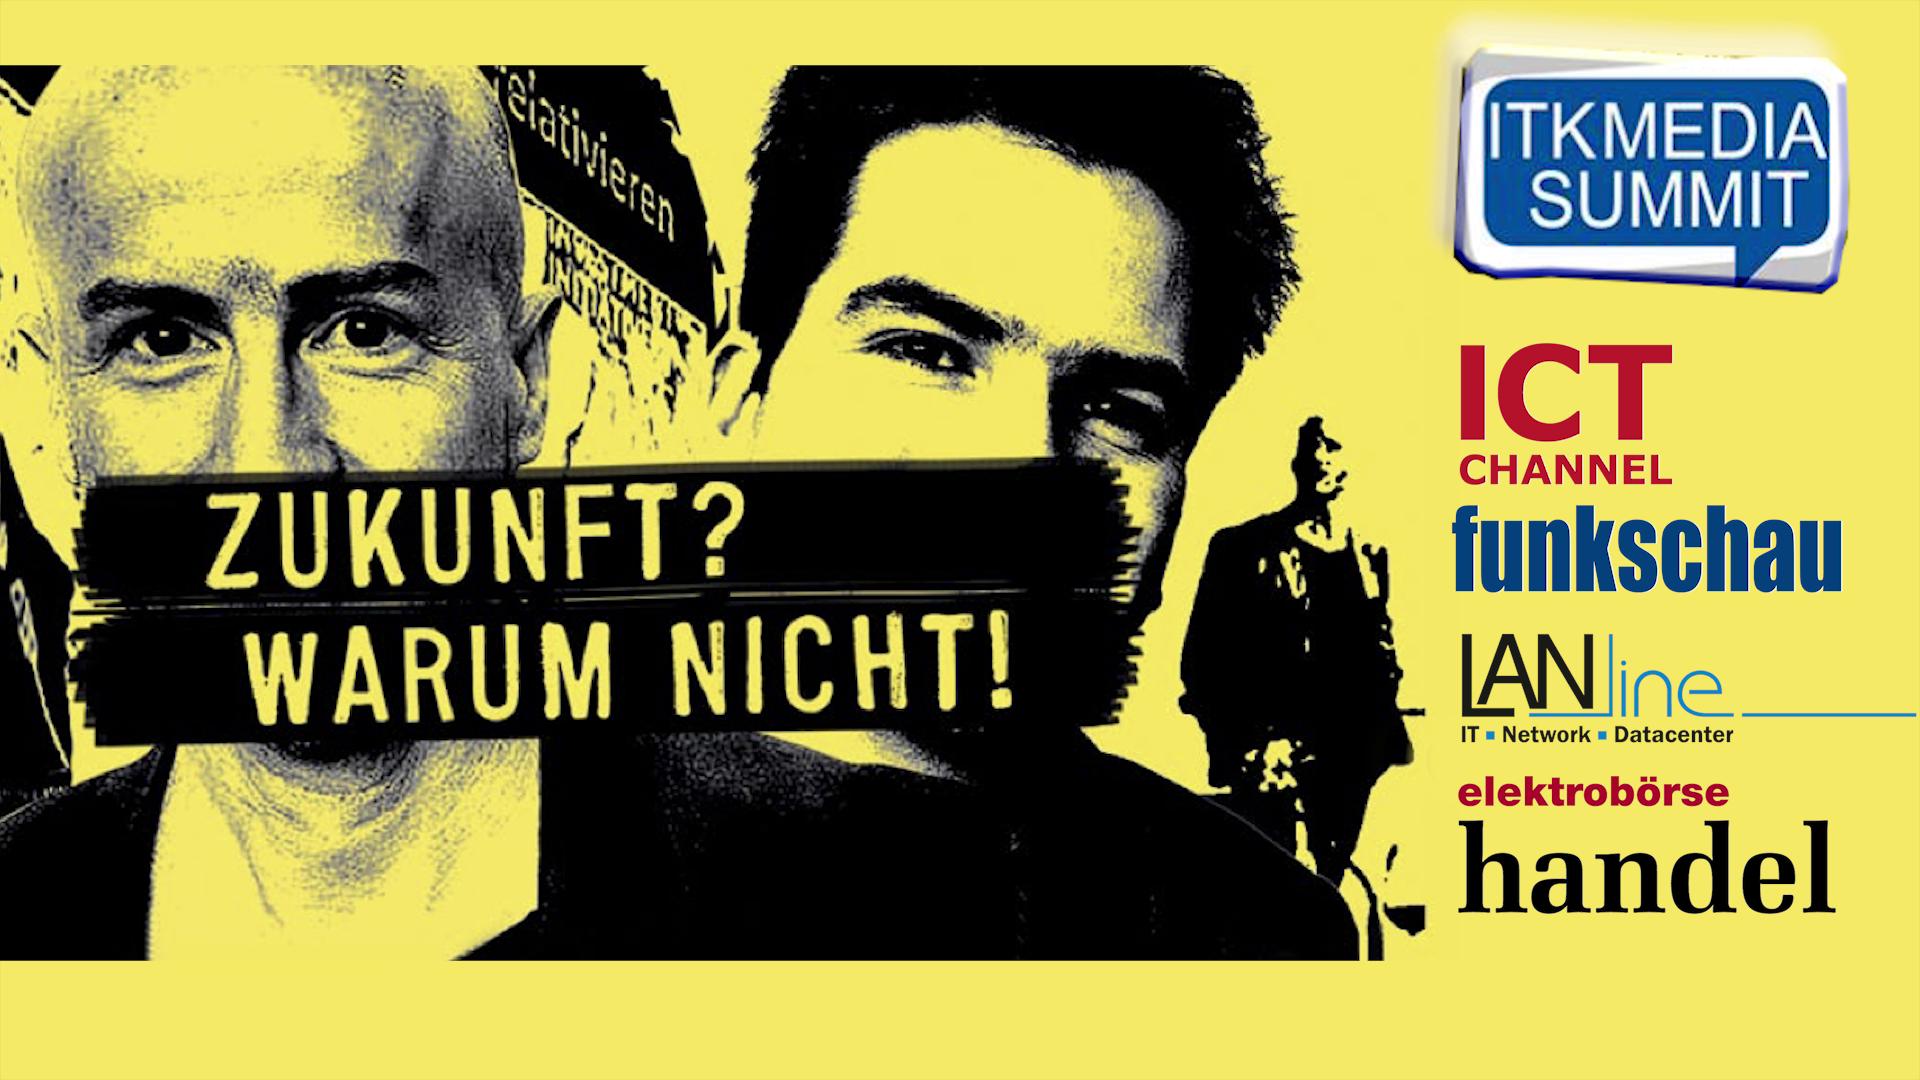 """Der ITK-MEDIA SUMMIT 2019: """"Zukunft? Warum nicht!"""""""